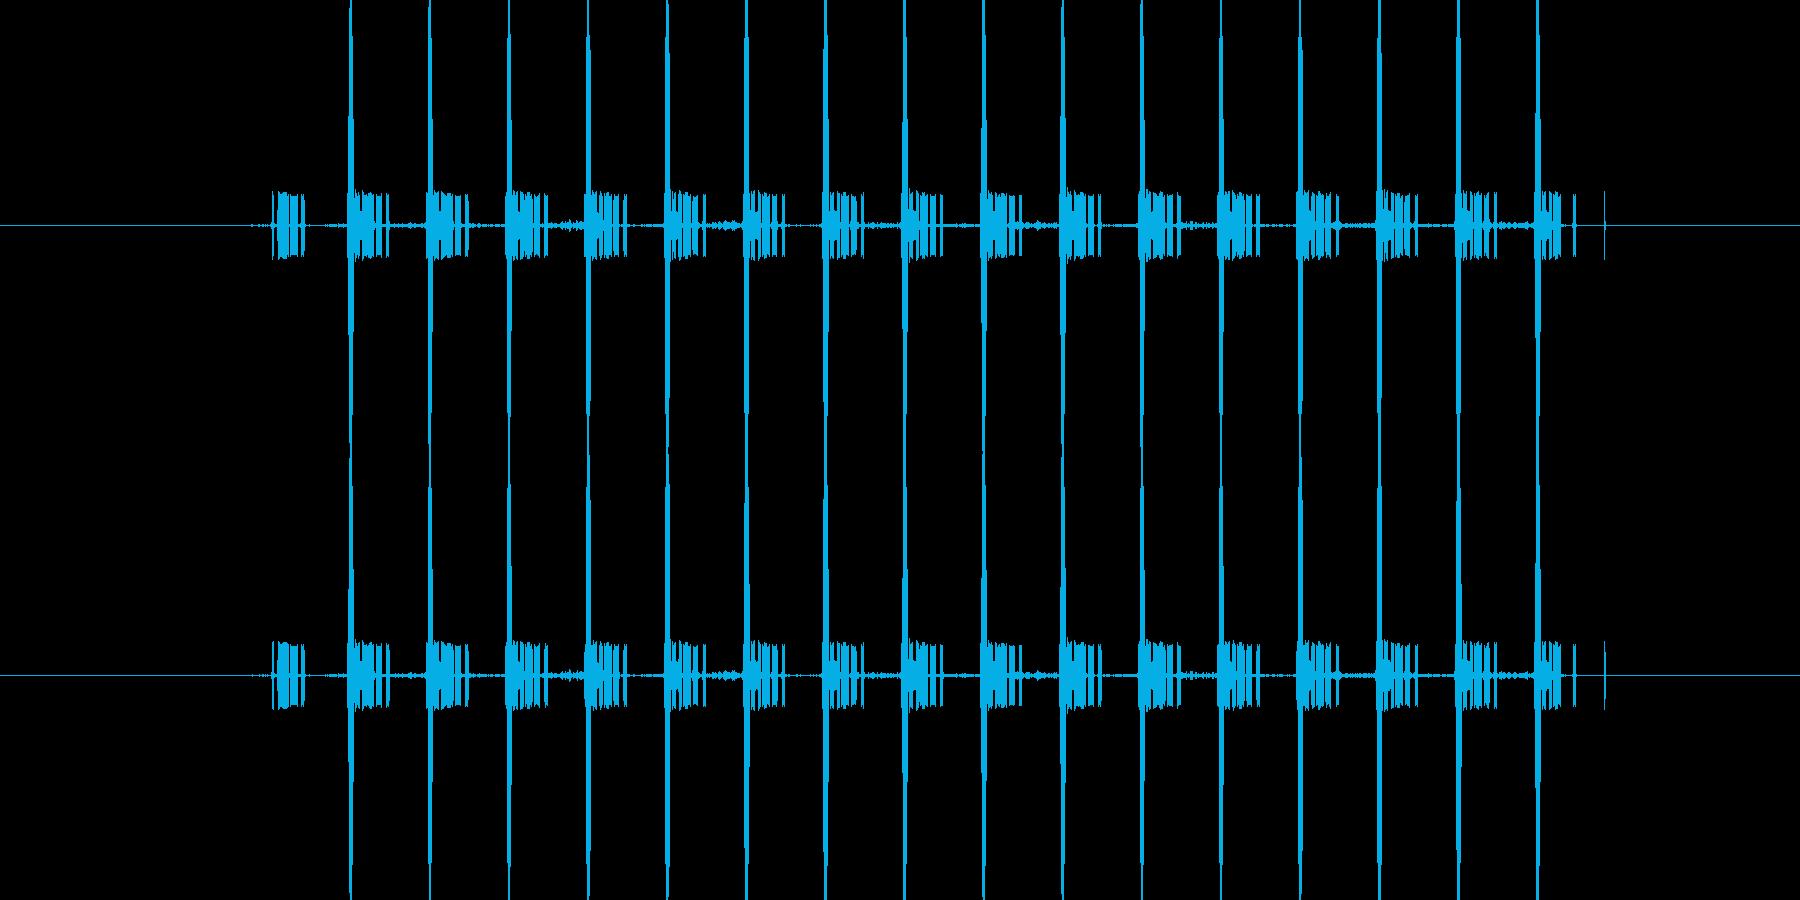 間違い時の機械音/短めの再生済みの波形